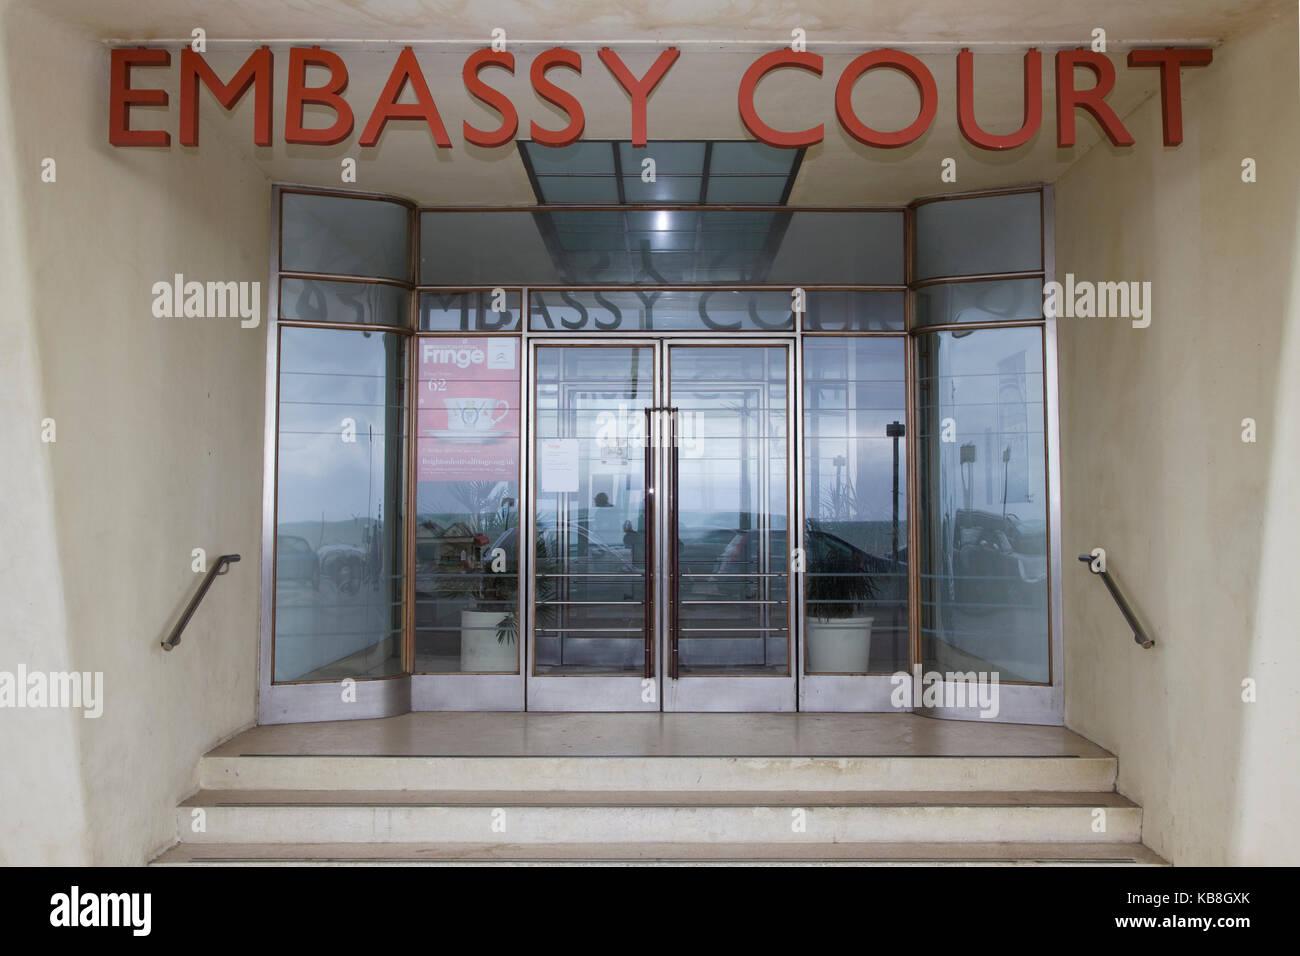 Corte de la embajada, Wells coates obra maestra del modernismo en Hove Foto de stock